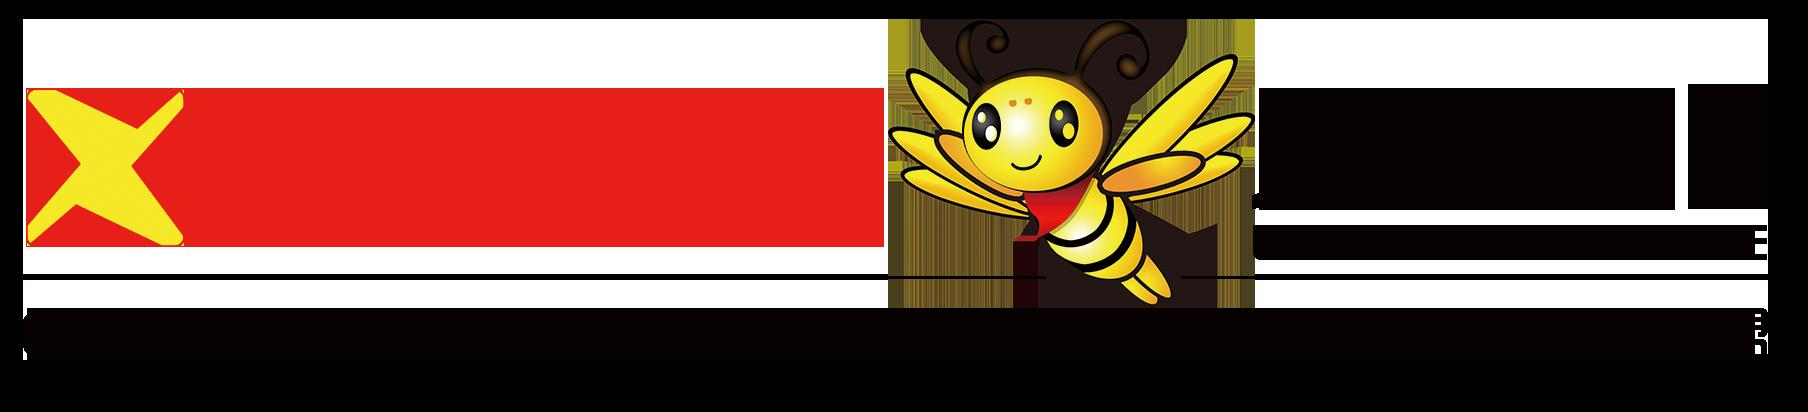 南昌小蜜蜂家居有限公司